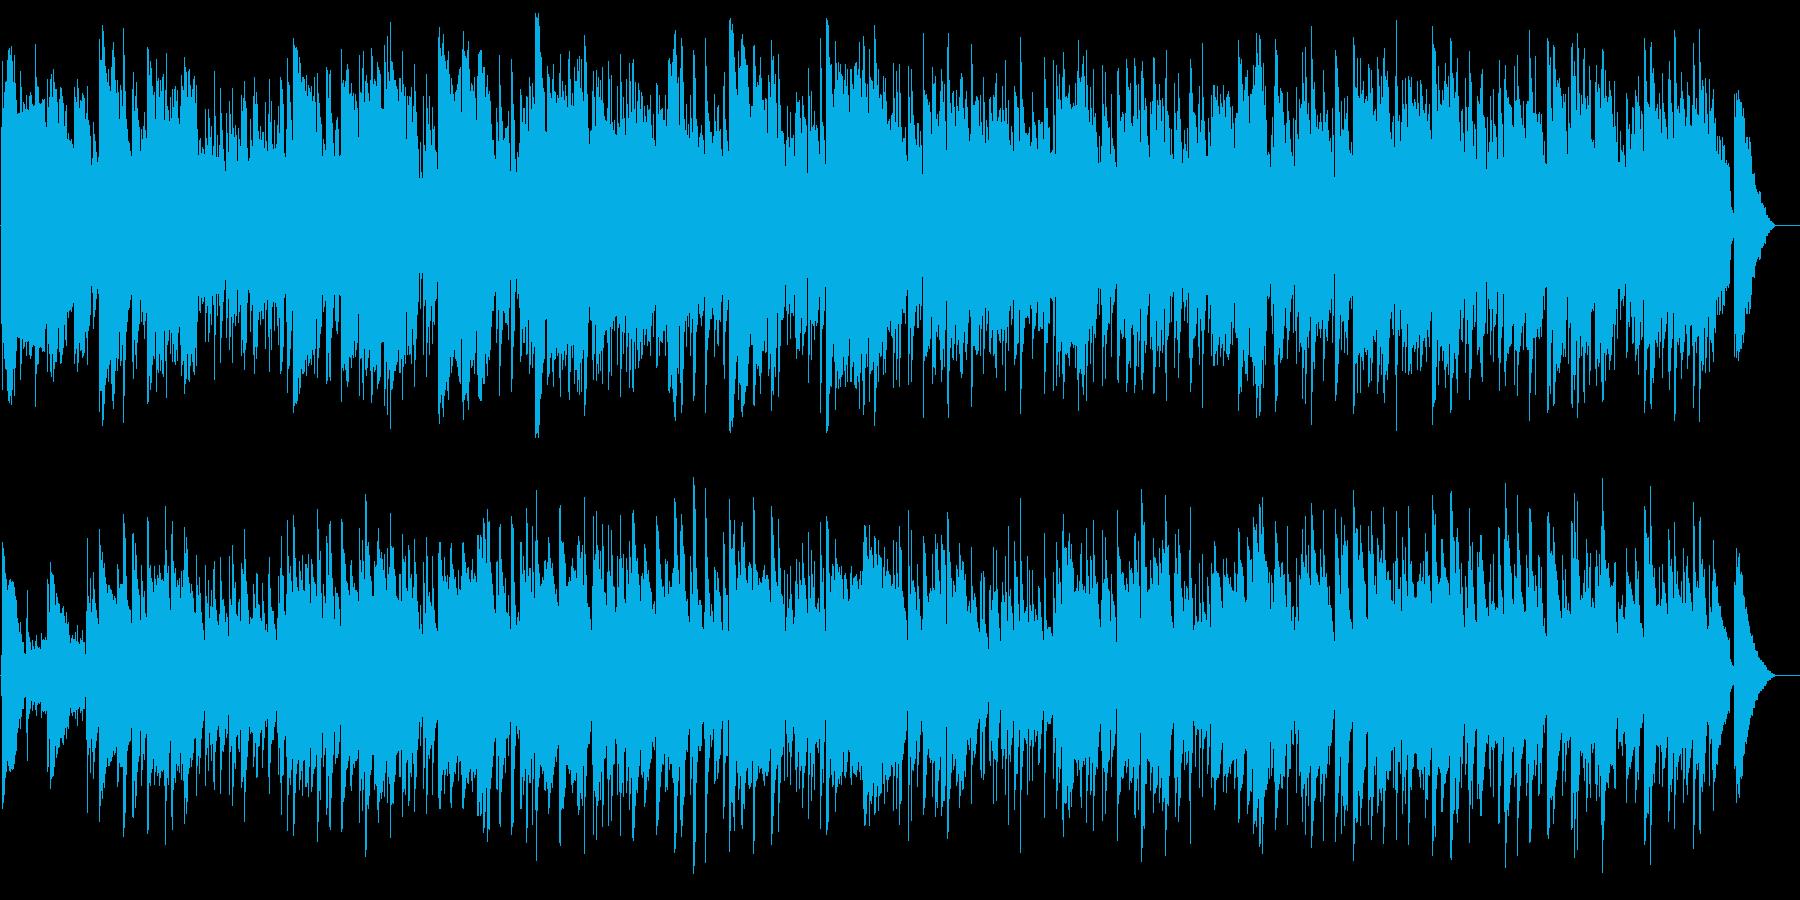 南国的なヒーリングミュージックの再生済みの波形